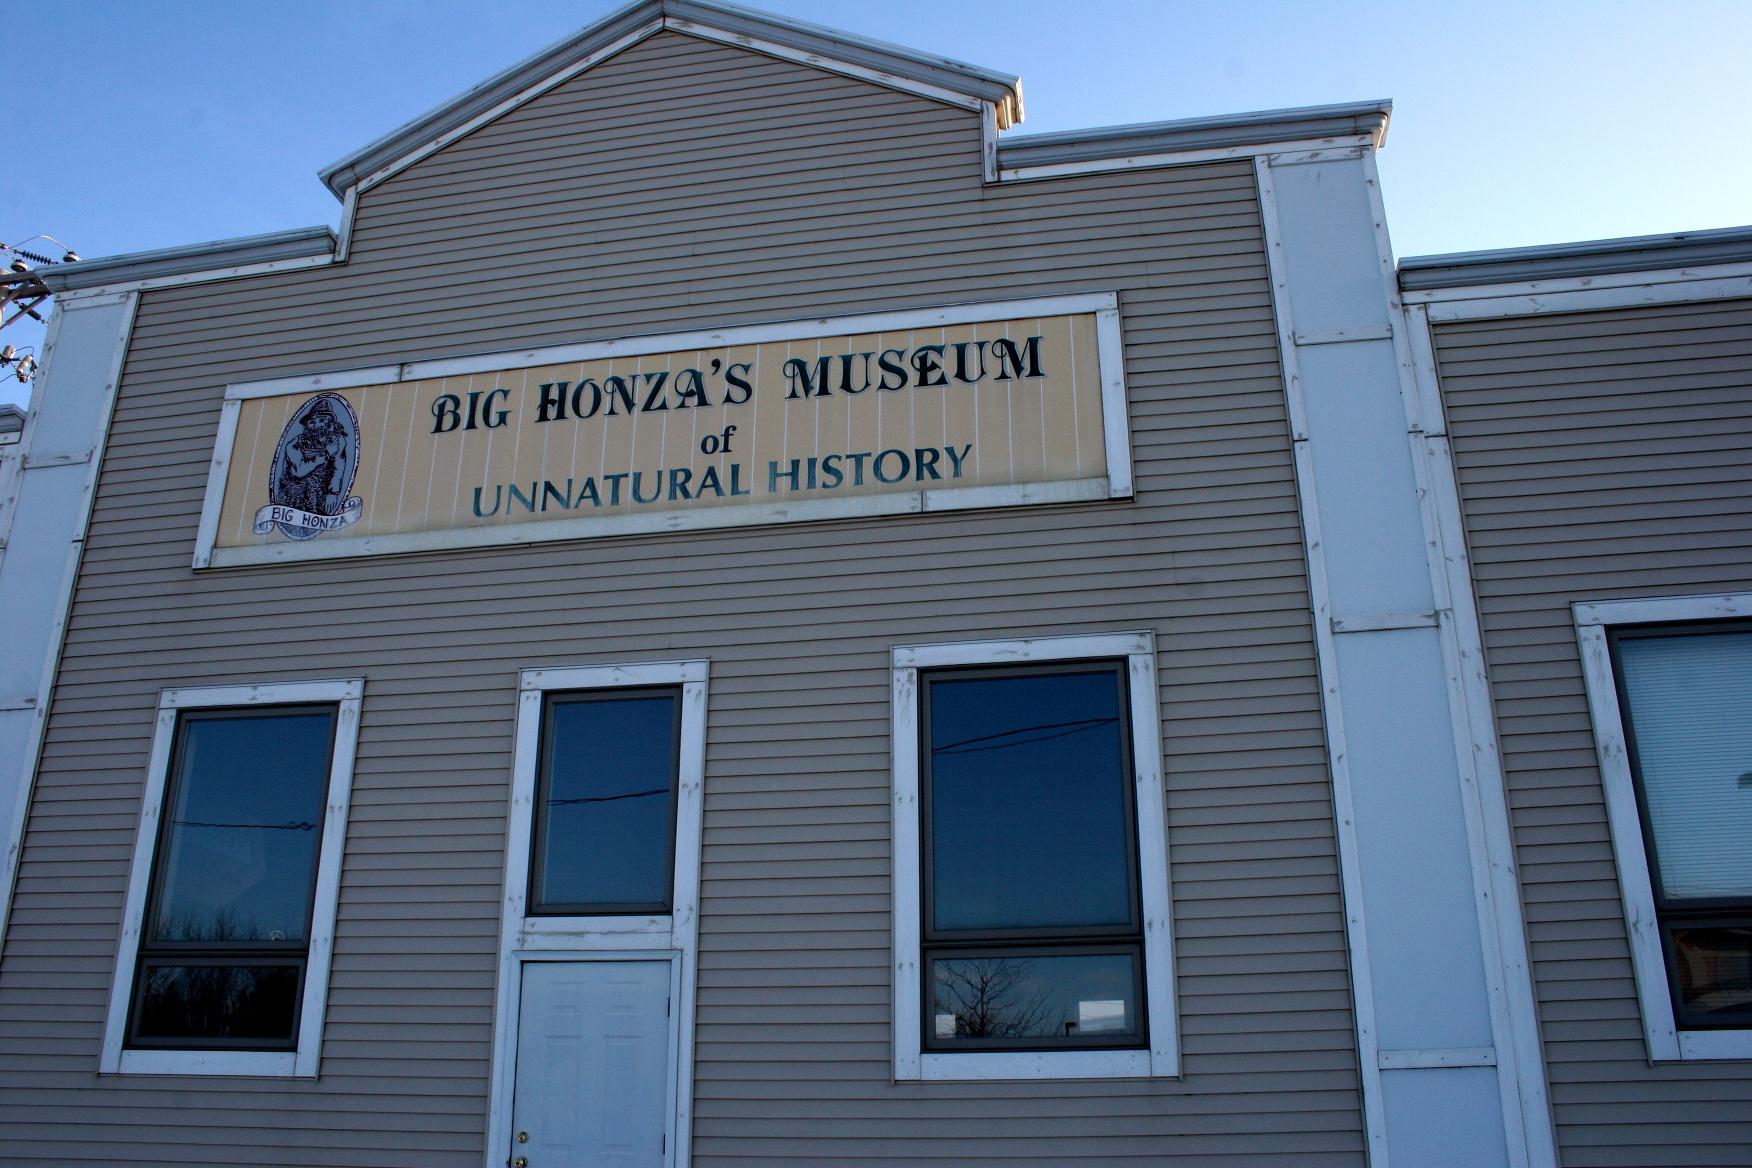 Big Honza's Museum of Unnatural History.